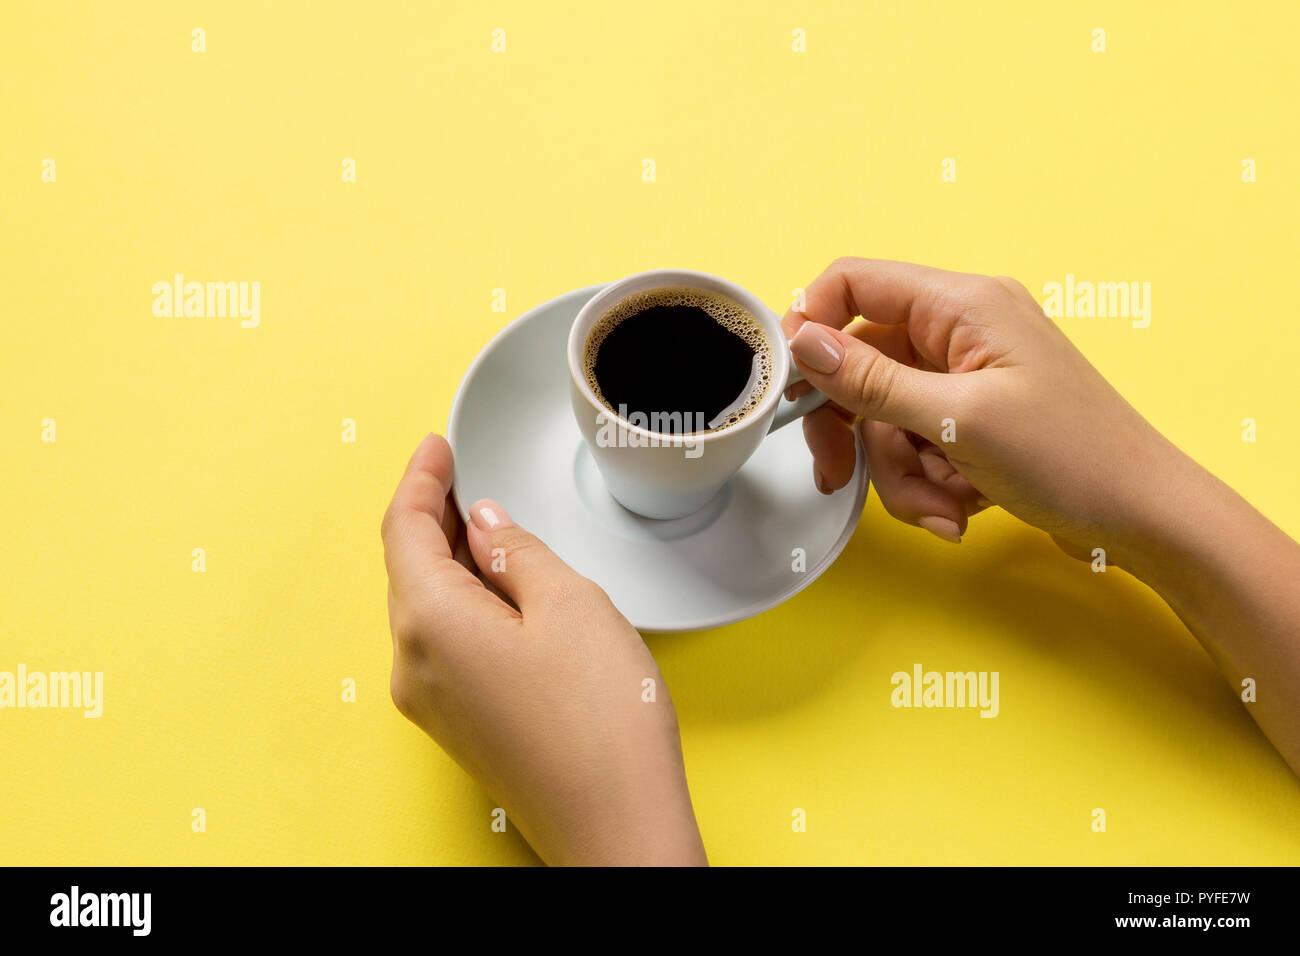 Estilo minimalista mujer mano sujetando una taza de café sobre fondo amarillo. Sentar planas, vista superior. Imagen De Stock